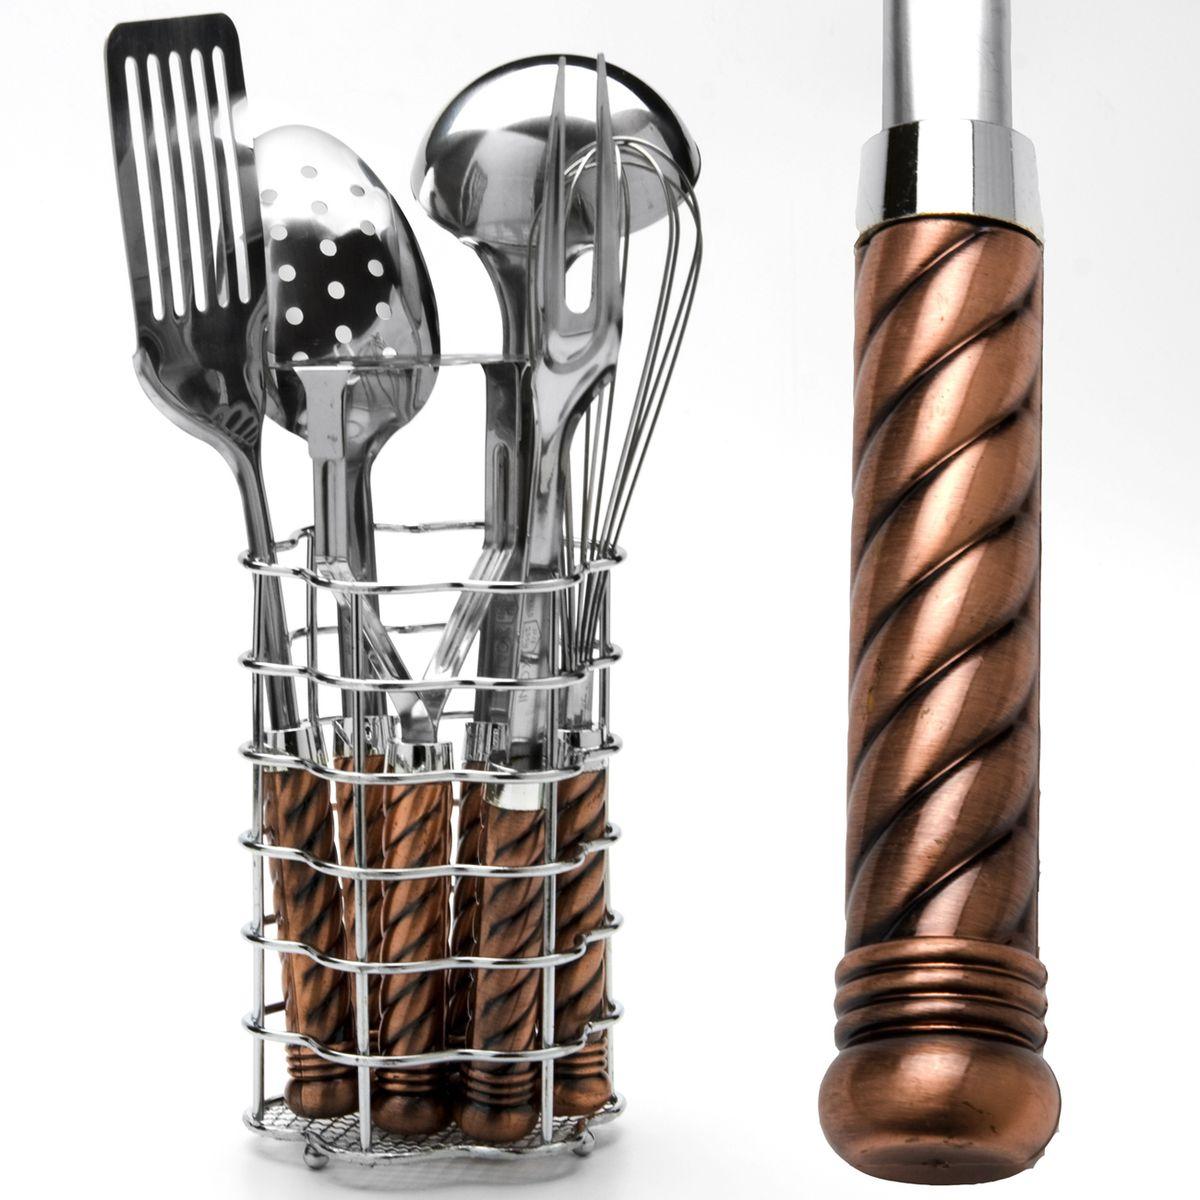 Набор кухонных принадлежностей Mayer & Boch, 7 предметов. 36753675Набор кухонных принадлежностей Mayer & Boch состоит из венчика, вилки кулинарной, половника, шумовки, лопатки кулинарной, пресса для картофеля и металлической подставки. Предметы набора выполнены из высококачественной нержавеющей стали 18/10 и оснащены эргономичными пластиковыми ручками.Эксклюзивный дизайн, эстетичность и функциональность набора Mayer & Boch позволят ему занять достойное место среди кухонного инвентаря. Длина венчика: 28,5 см. Длина вилки: 31,5 см. Длина половника: 31 см. Длина шумовки: 31 см. Длина лопатки: 32 см. Длина пресса для картофеля: 22,5 см. Размер подставки: 11,5 х 11,5 х 17,5 см.